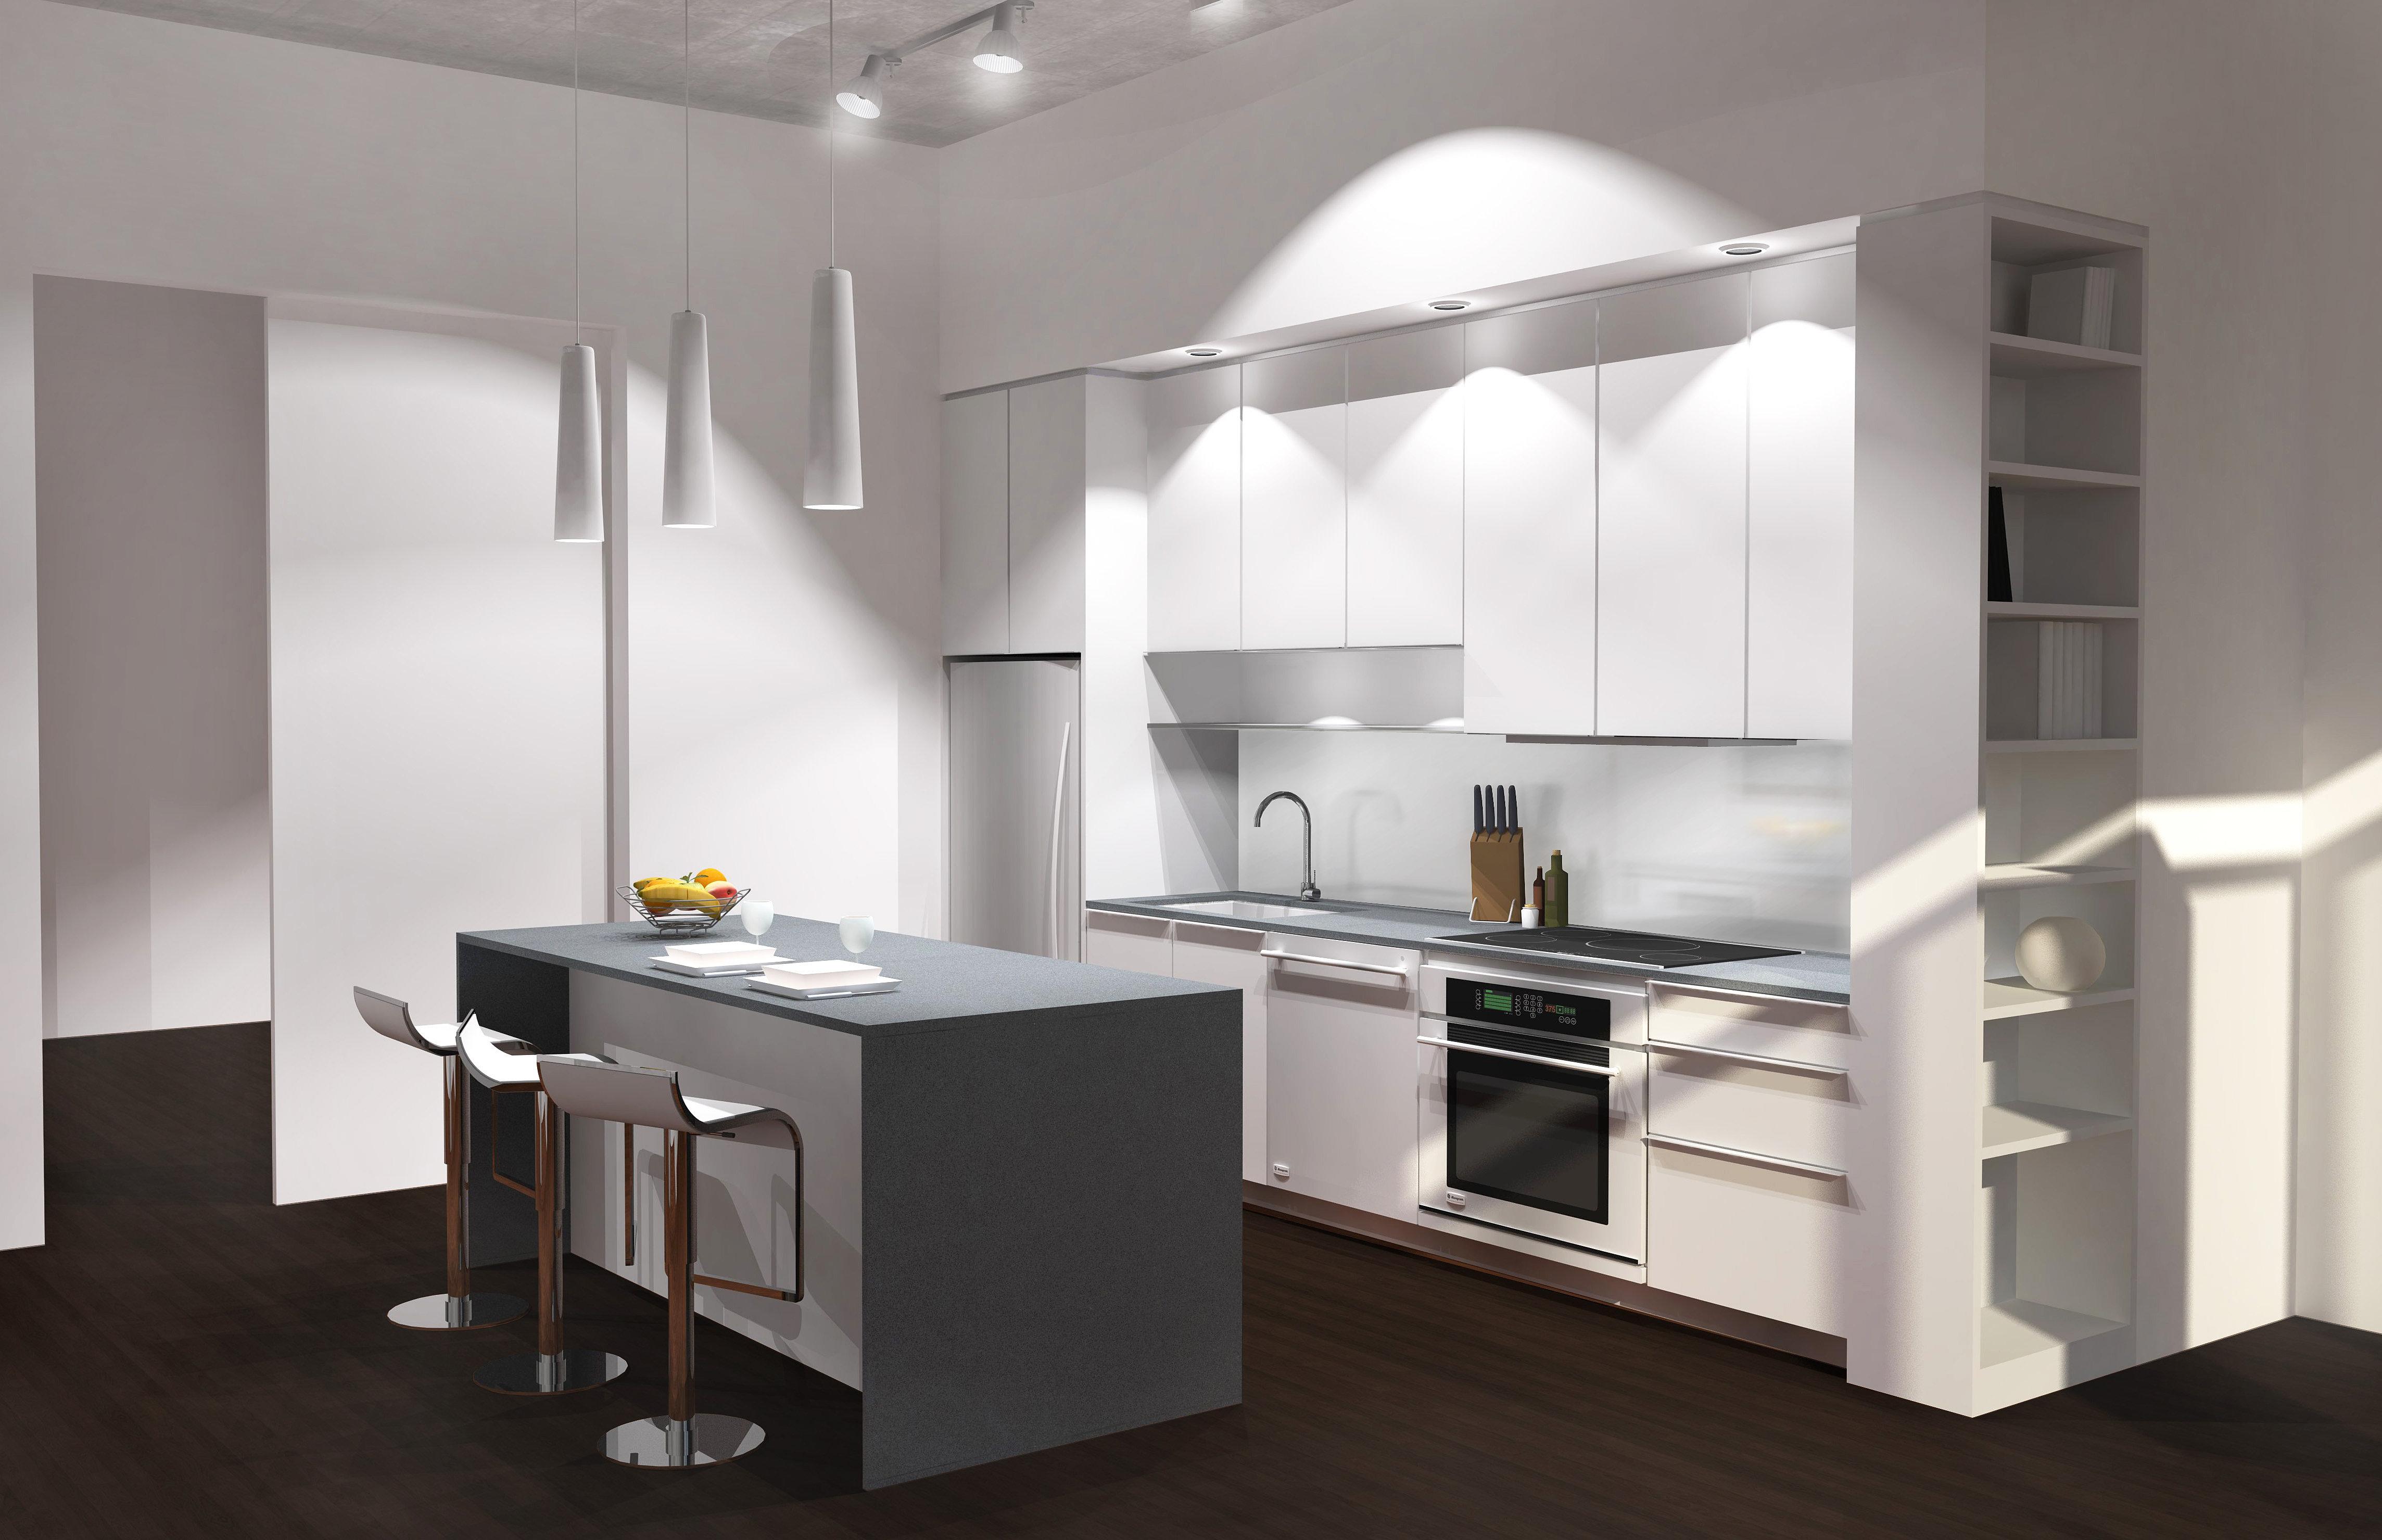 decoration cuisine grise et blanche pr l vement d 39 chantillons et une bonne id e. Black Bedroom Furniture Sets. Home Design Ideas